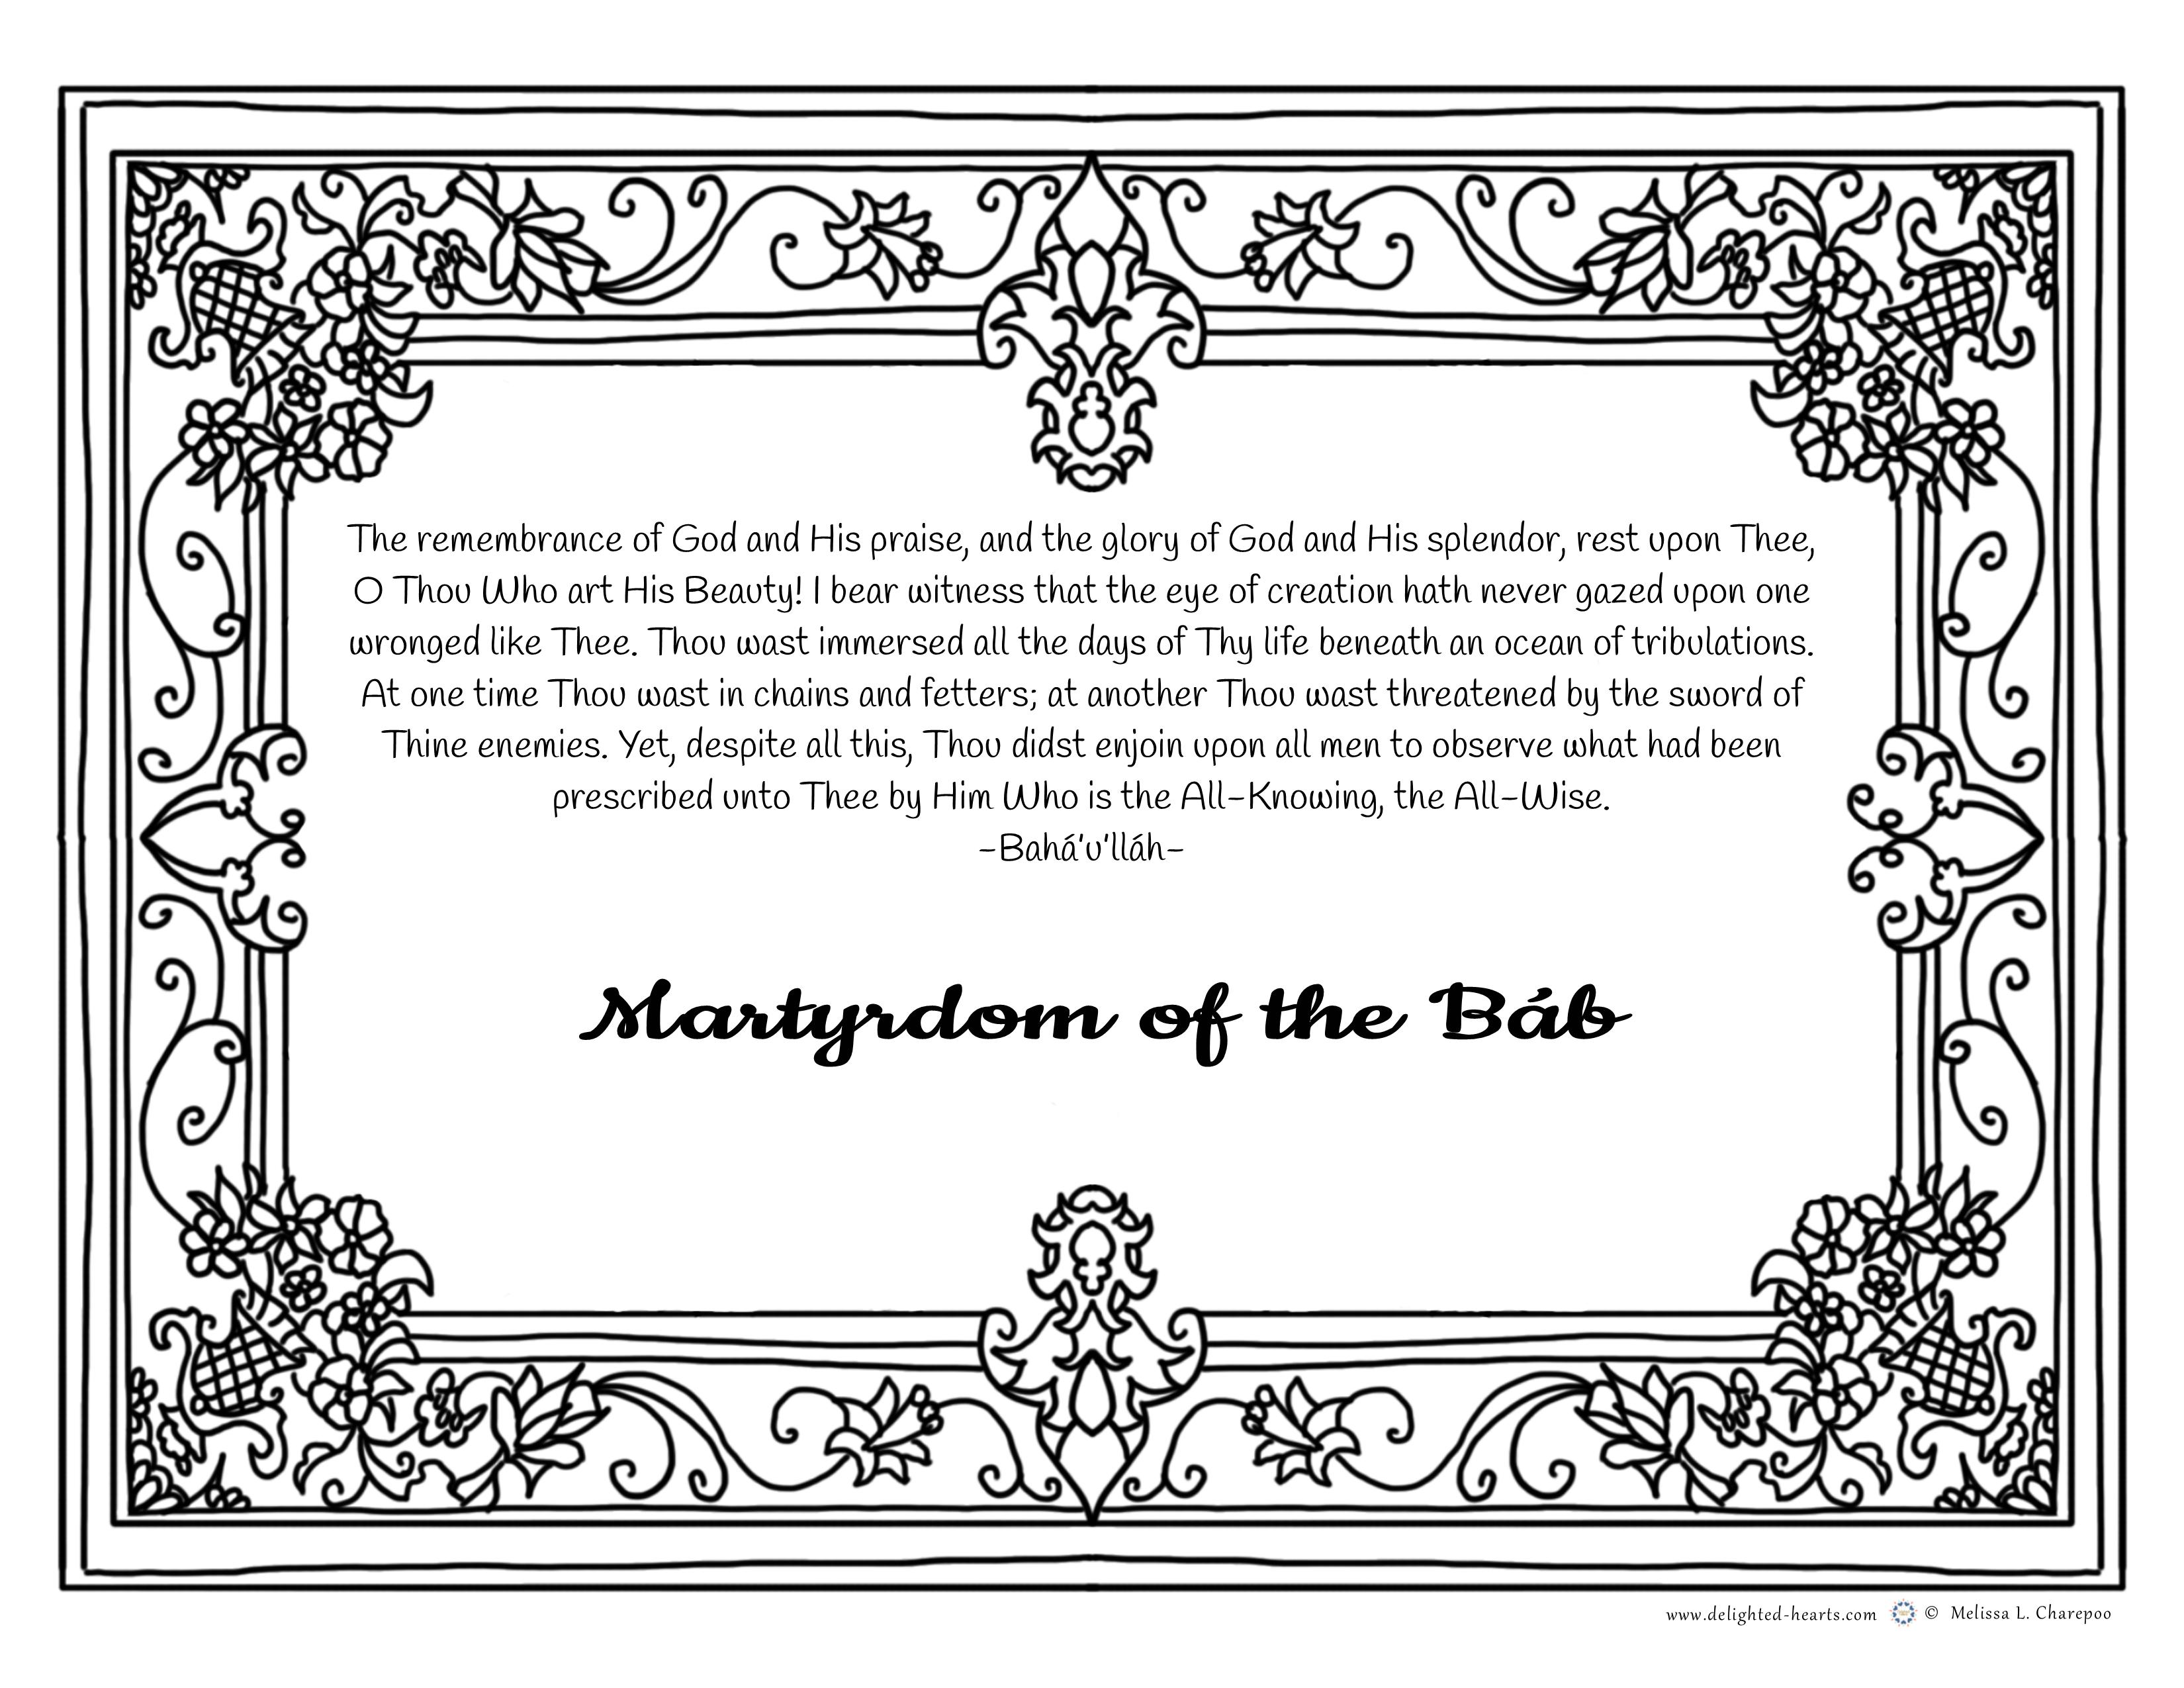 Marthyrdom_176_DHLLC_Melissa Charepoo_Martyrdom of the Bab